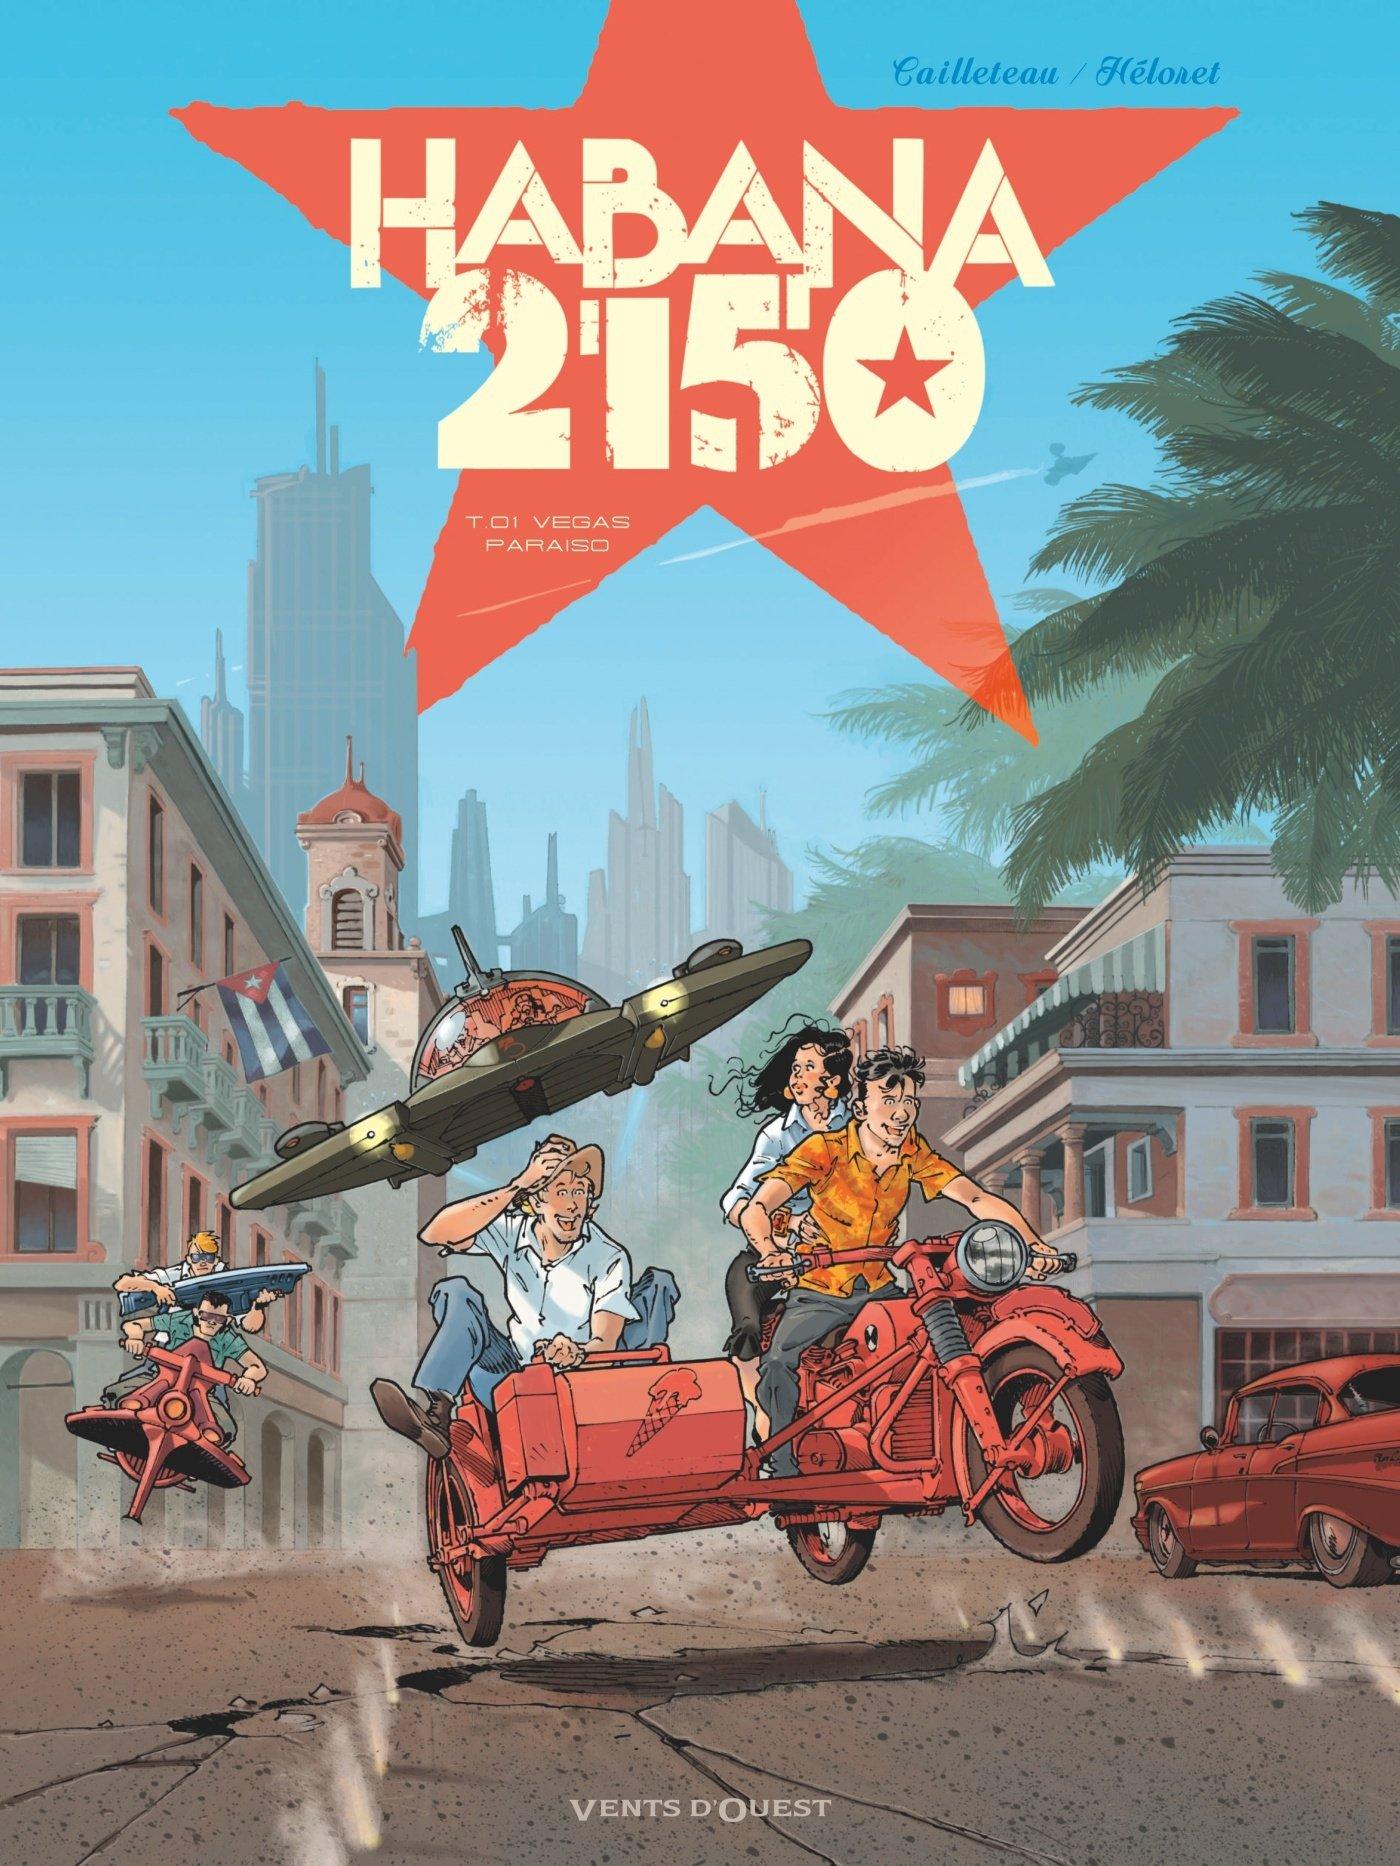 Habana 2150